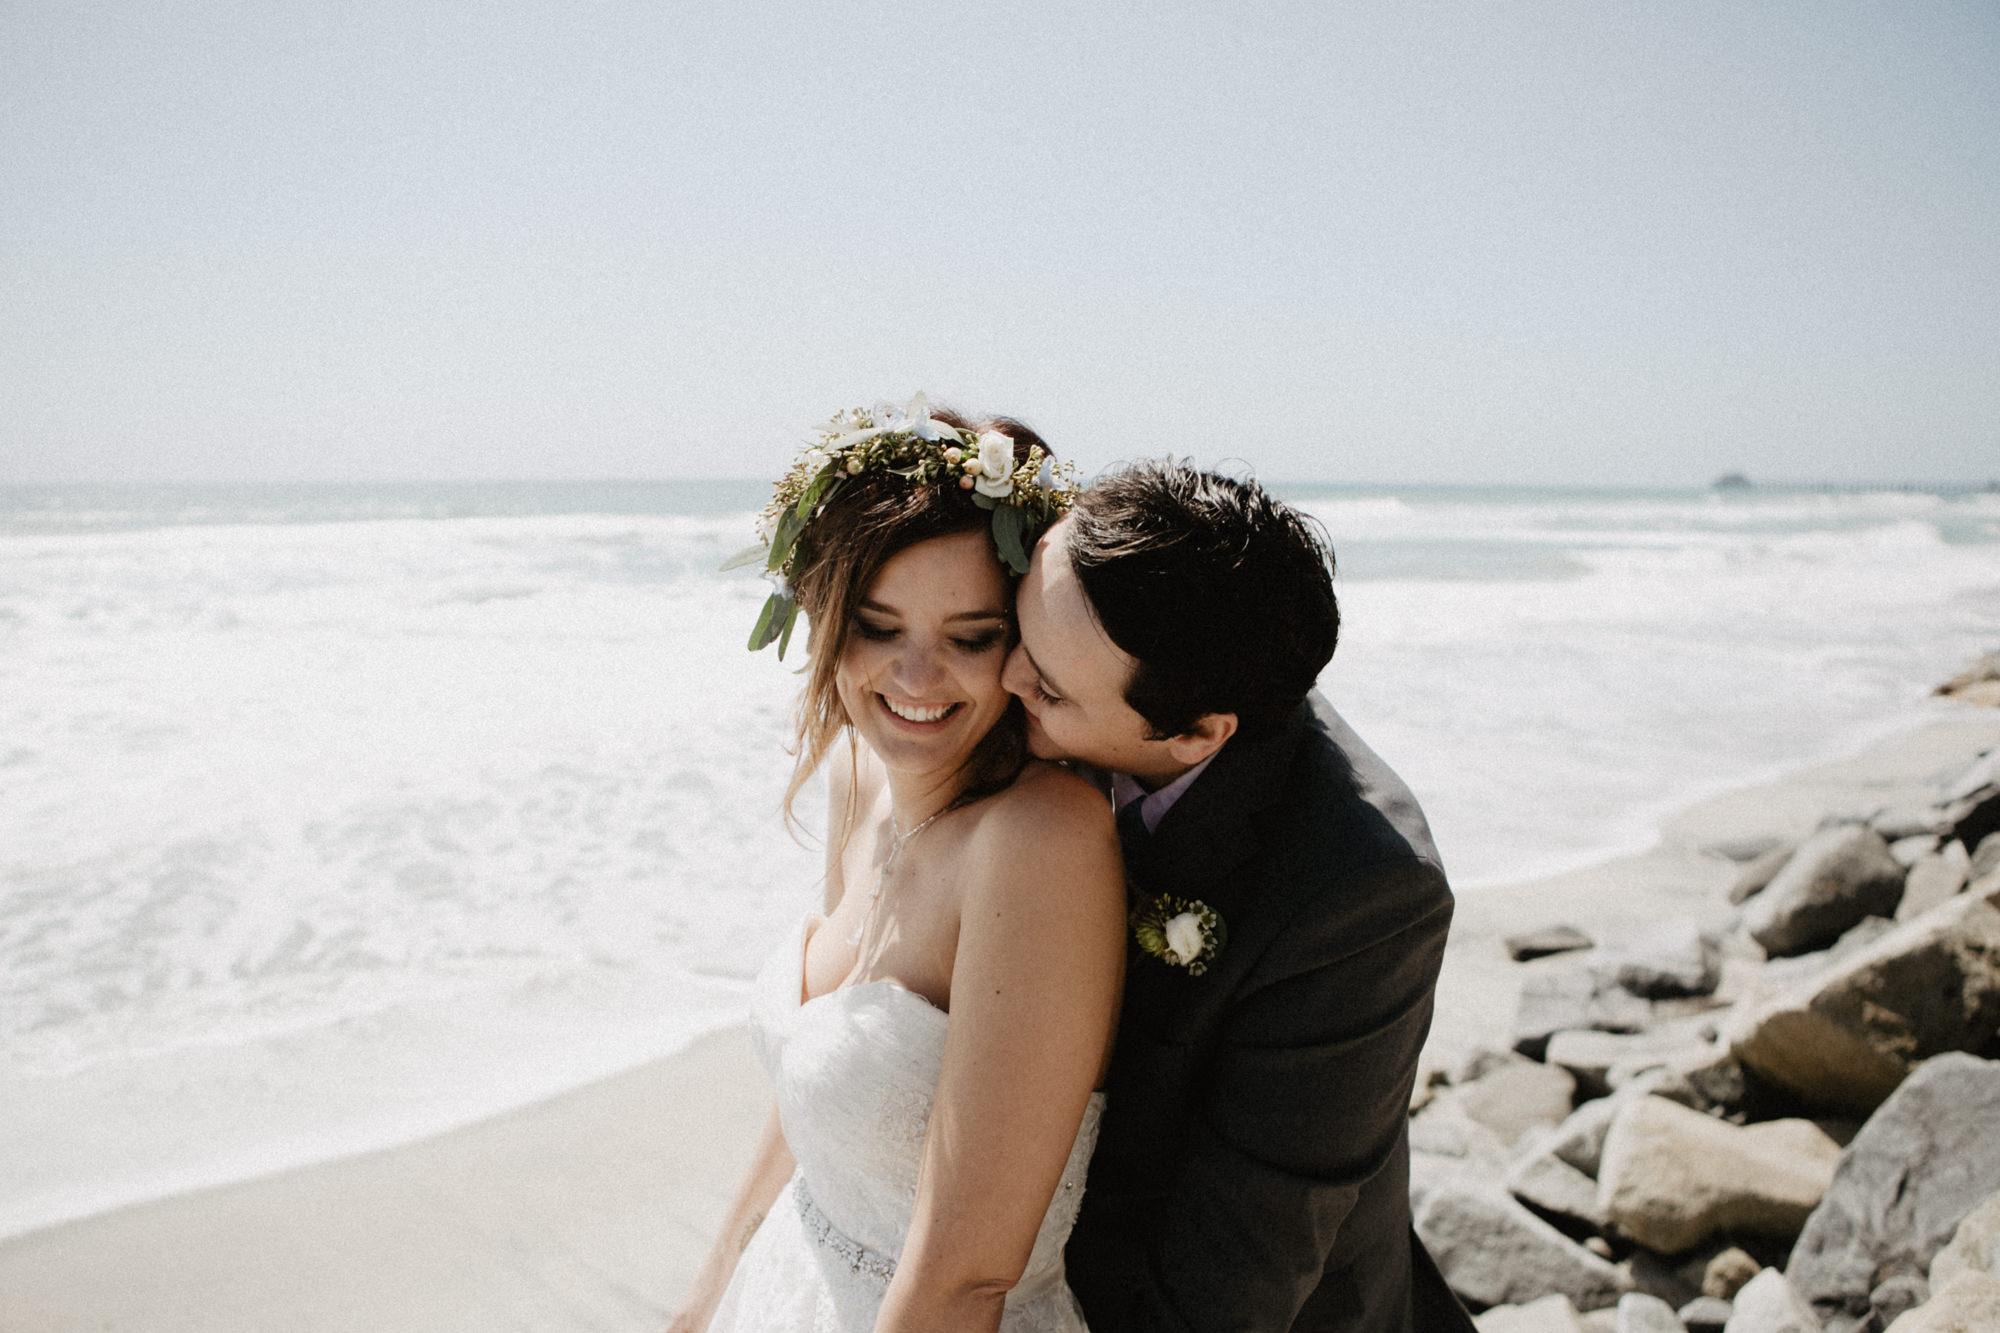 oceanside_airbnb_wedding-12.jpg